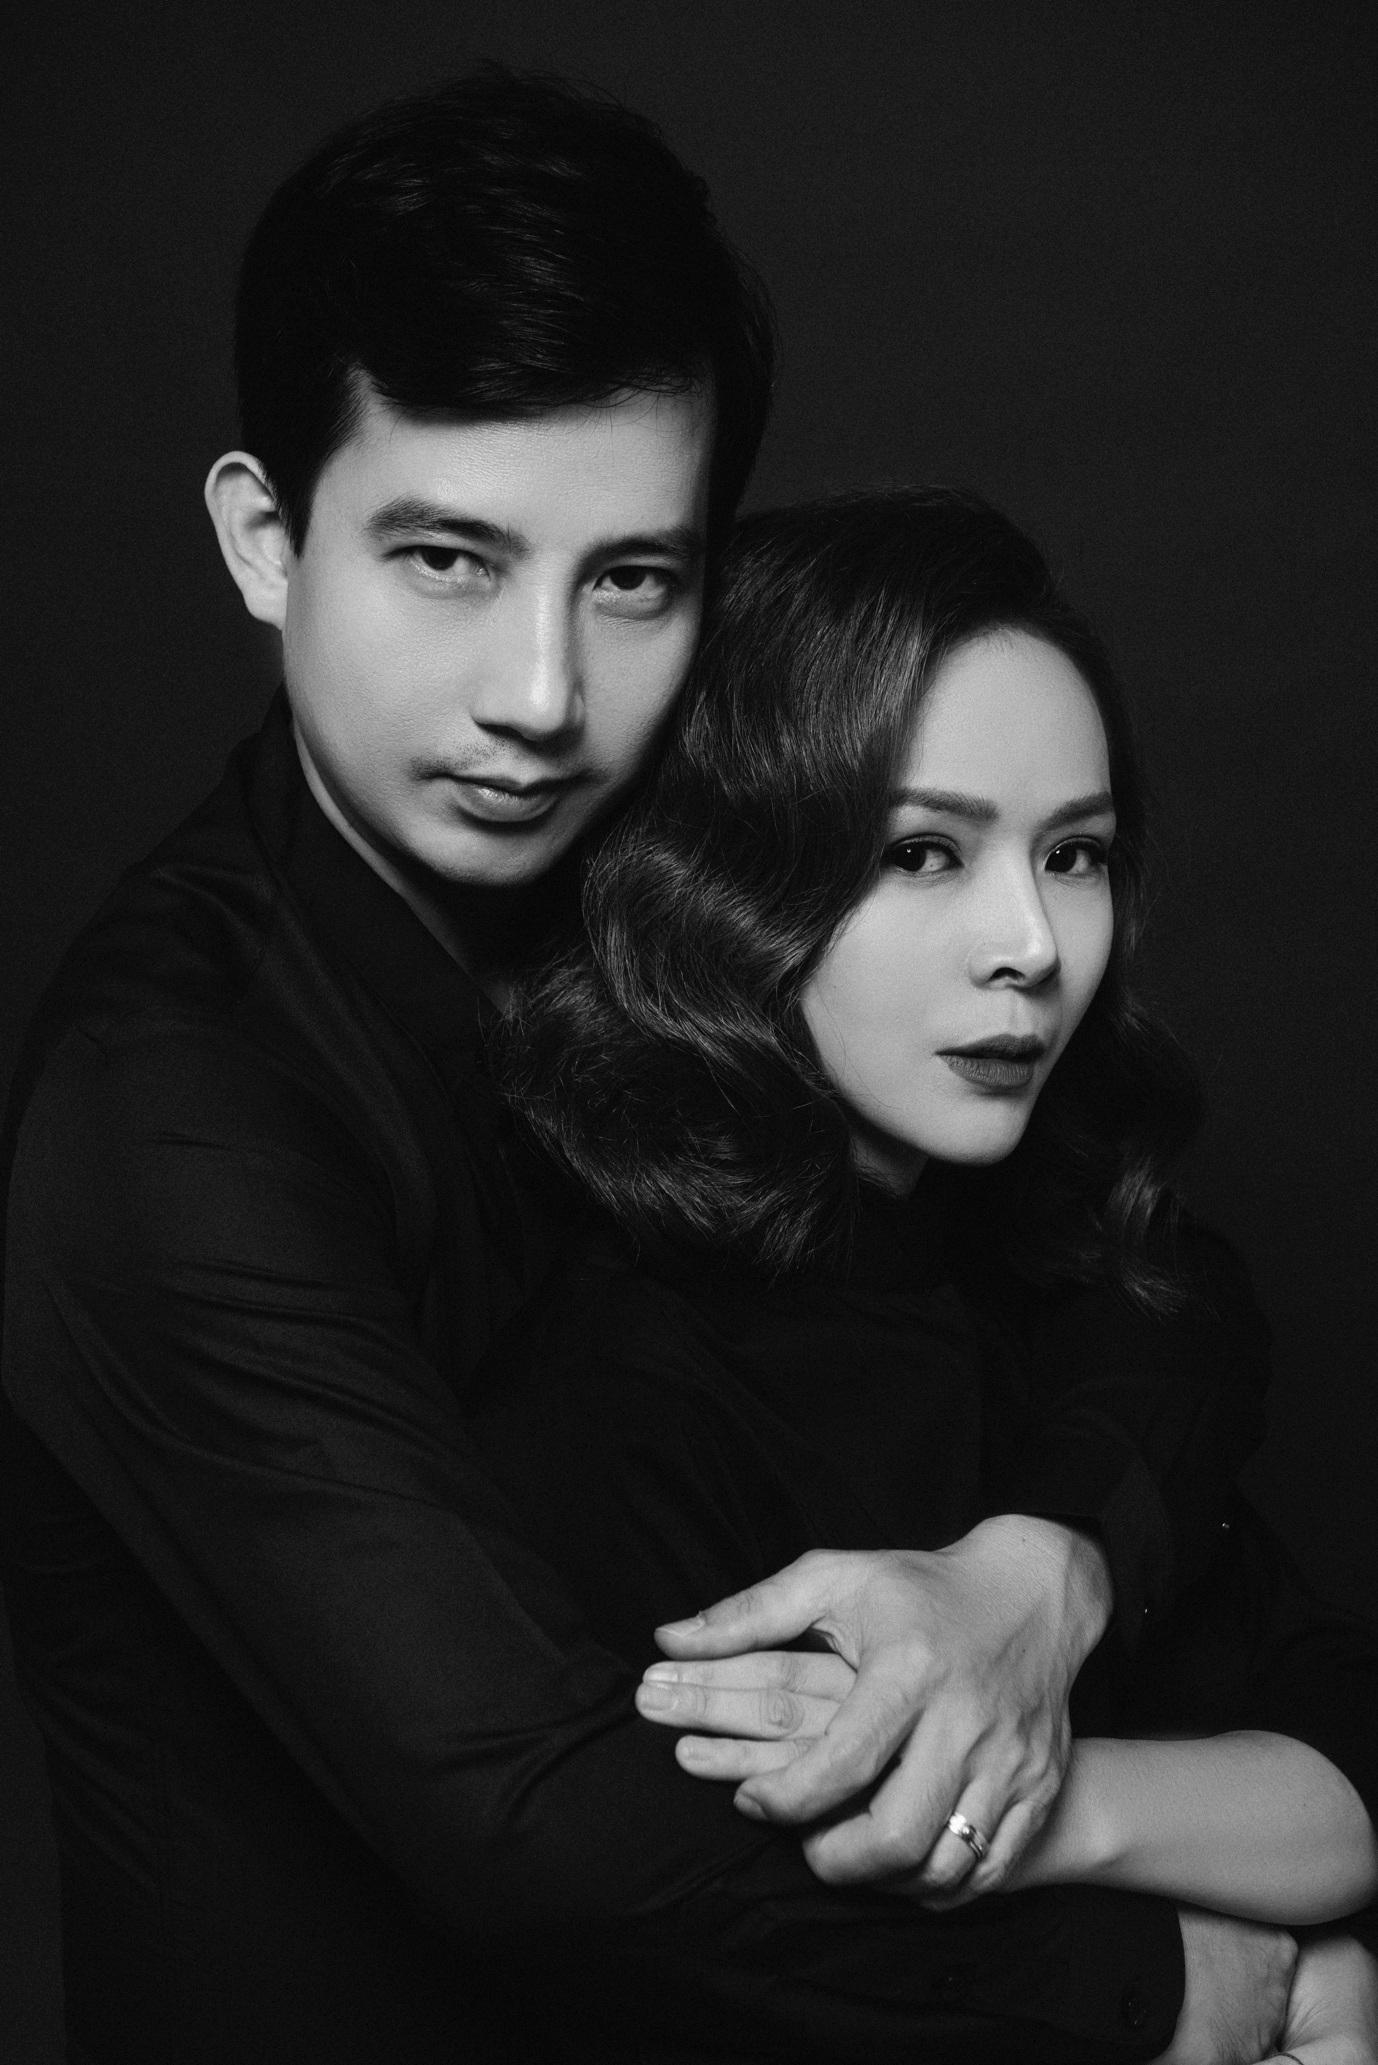 """Nữ diễn viên """"đanh đá nhất màn ảnh Việt"""" Diễm Hương chia sẻ về chuyện hôn nhân - 1"""